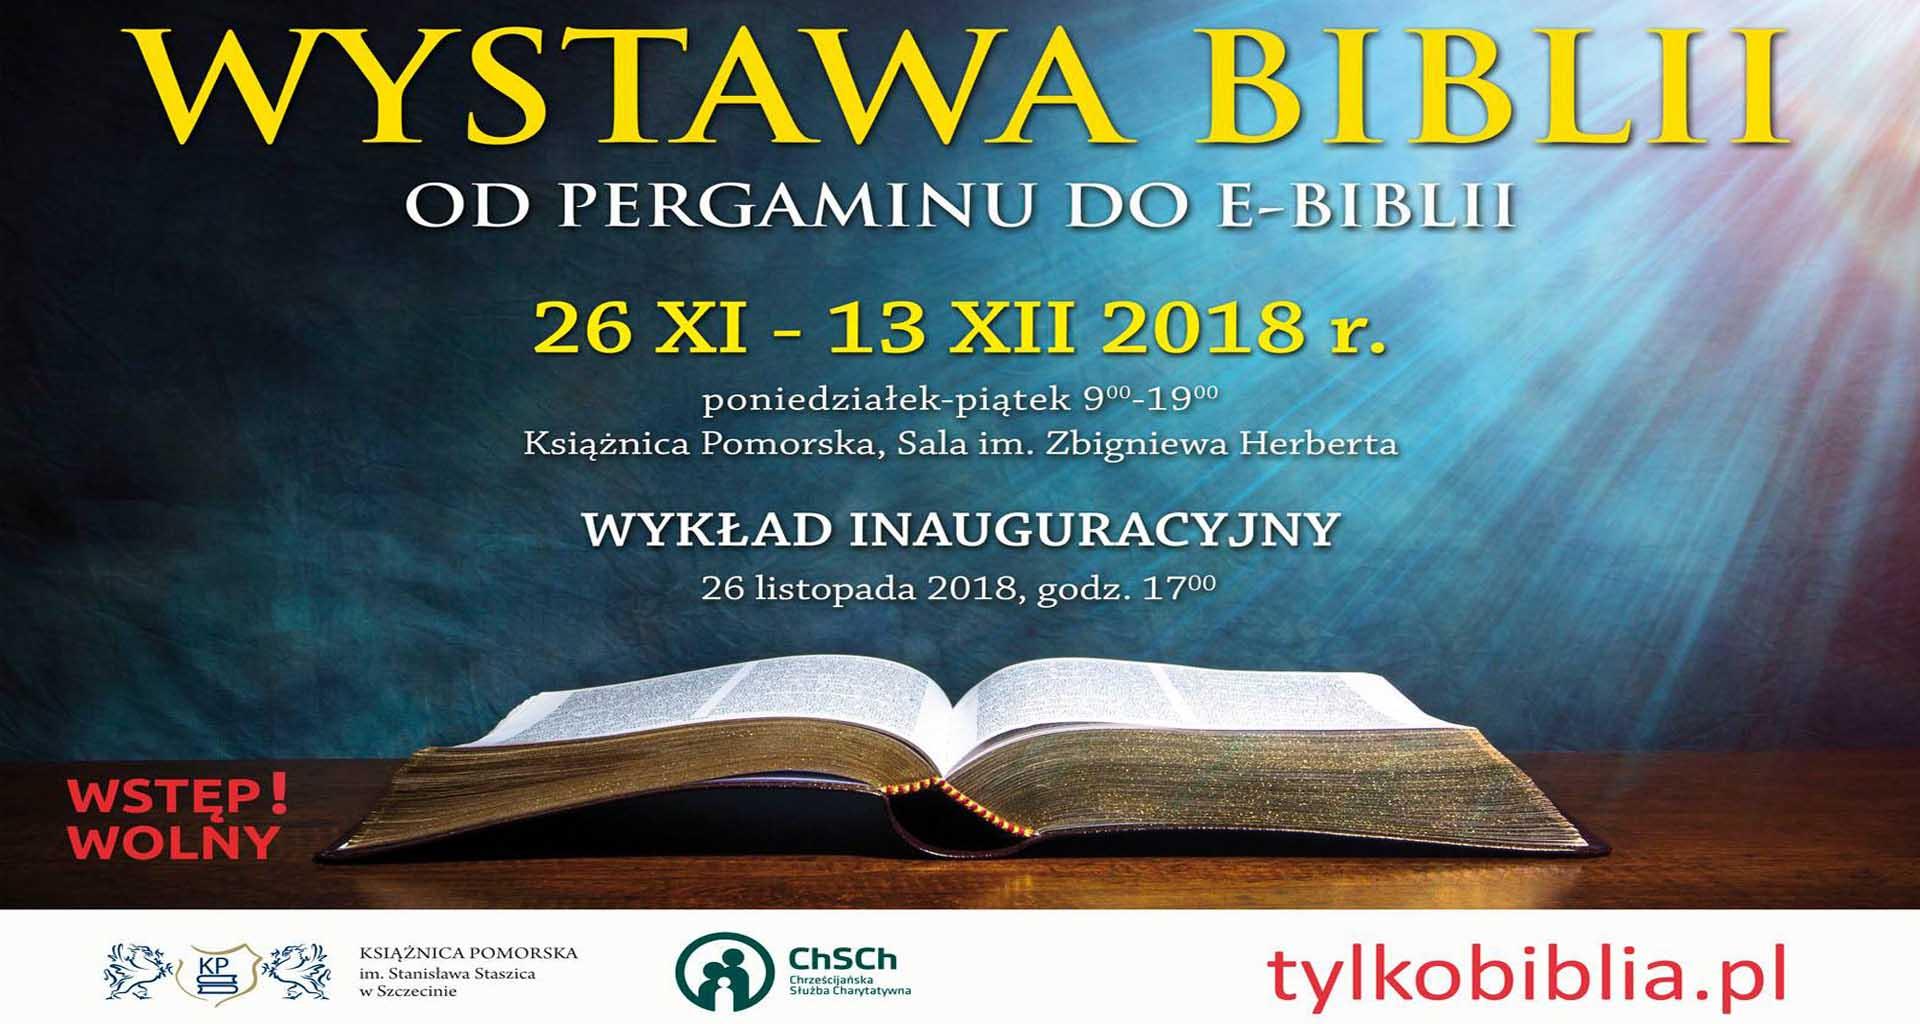 Wystawa Biblii: Od pergaminu do e-Biblii